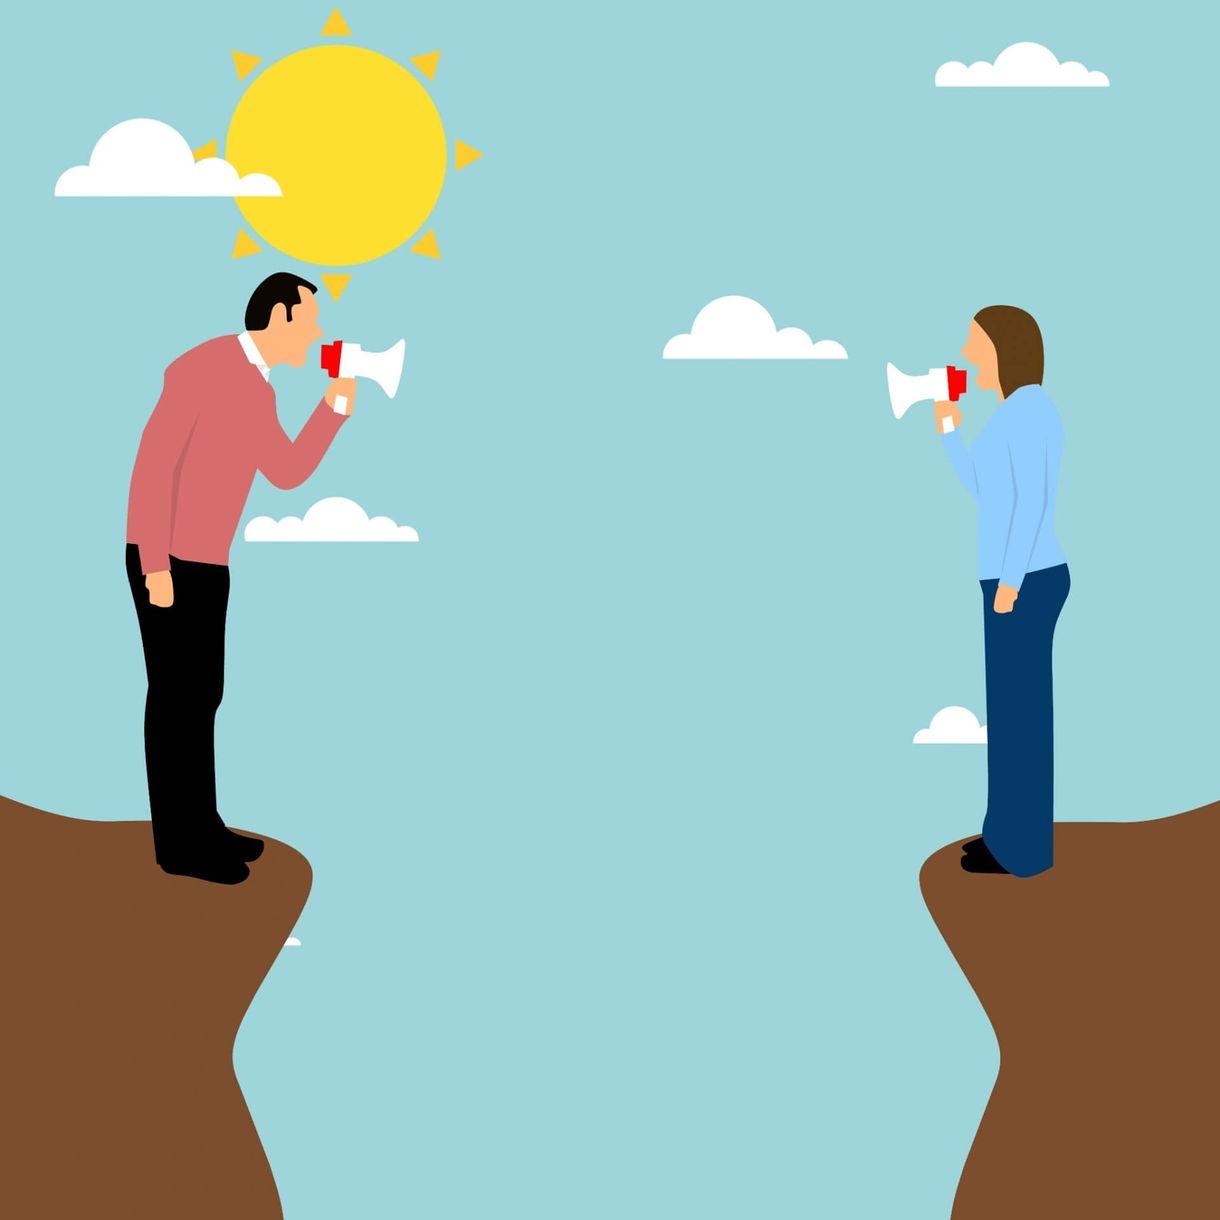 Cómo ignorar a alguien: formas de evitar generar conflictos